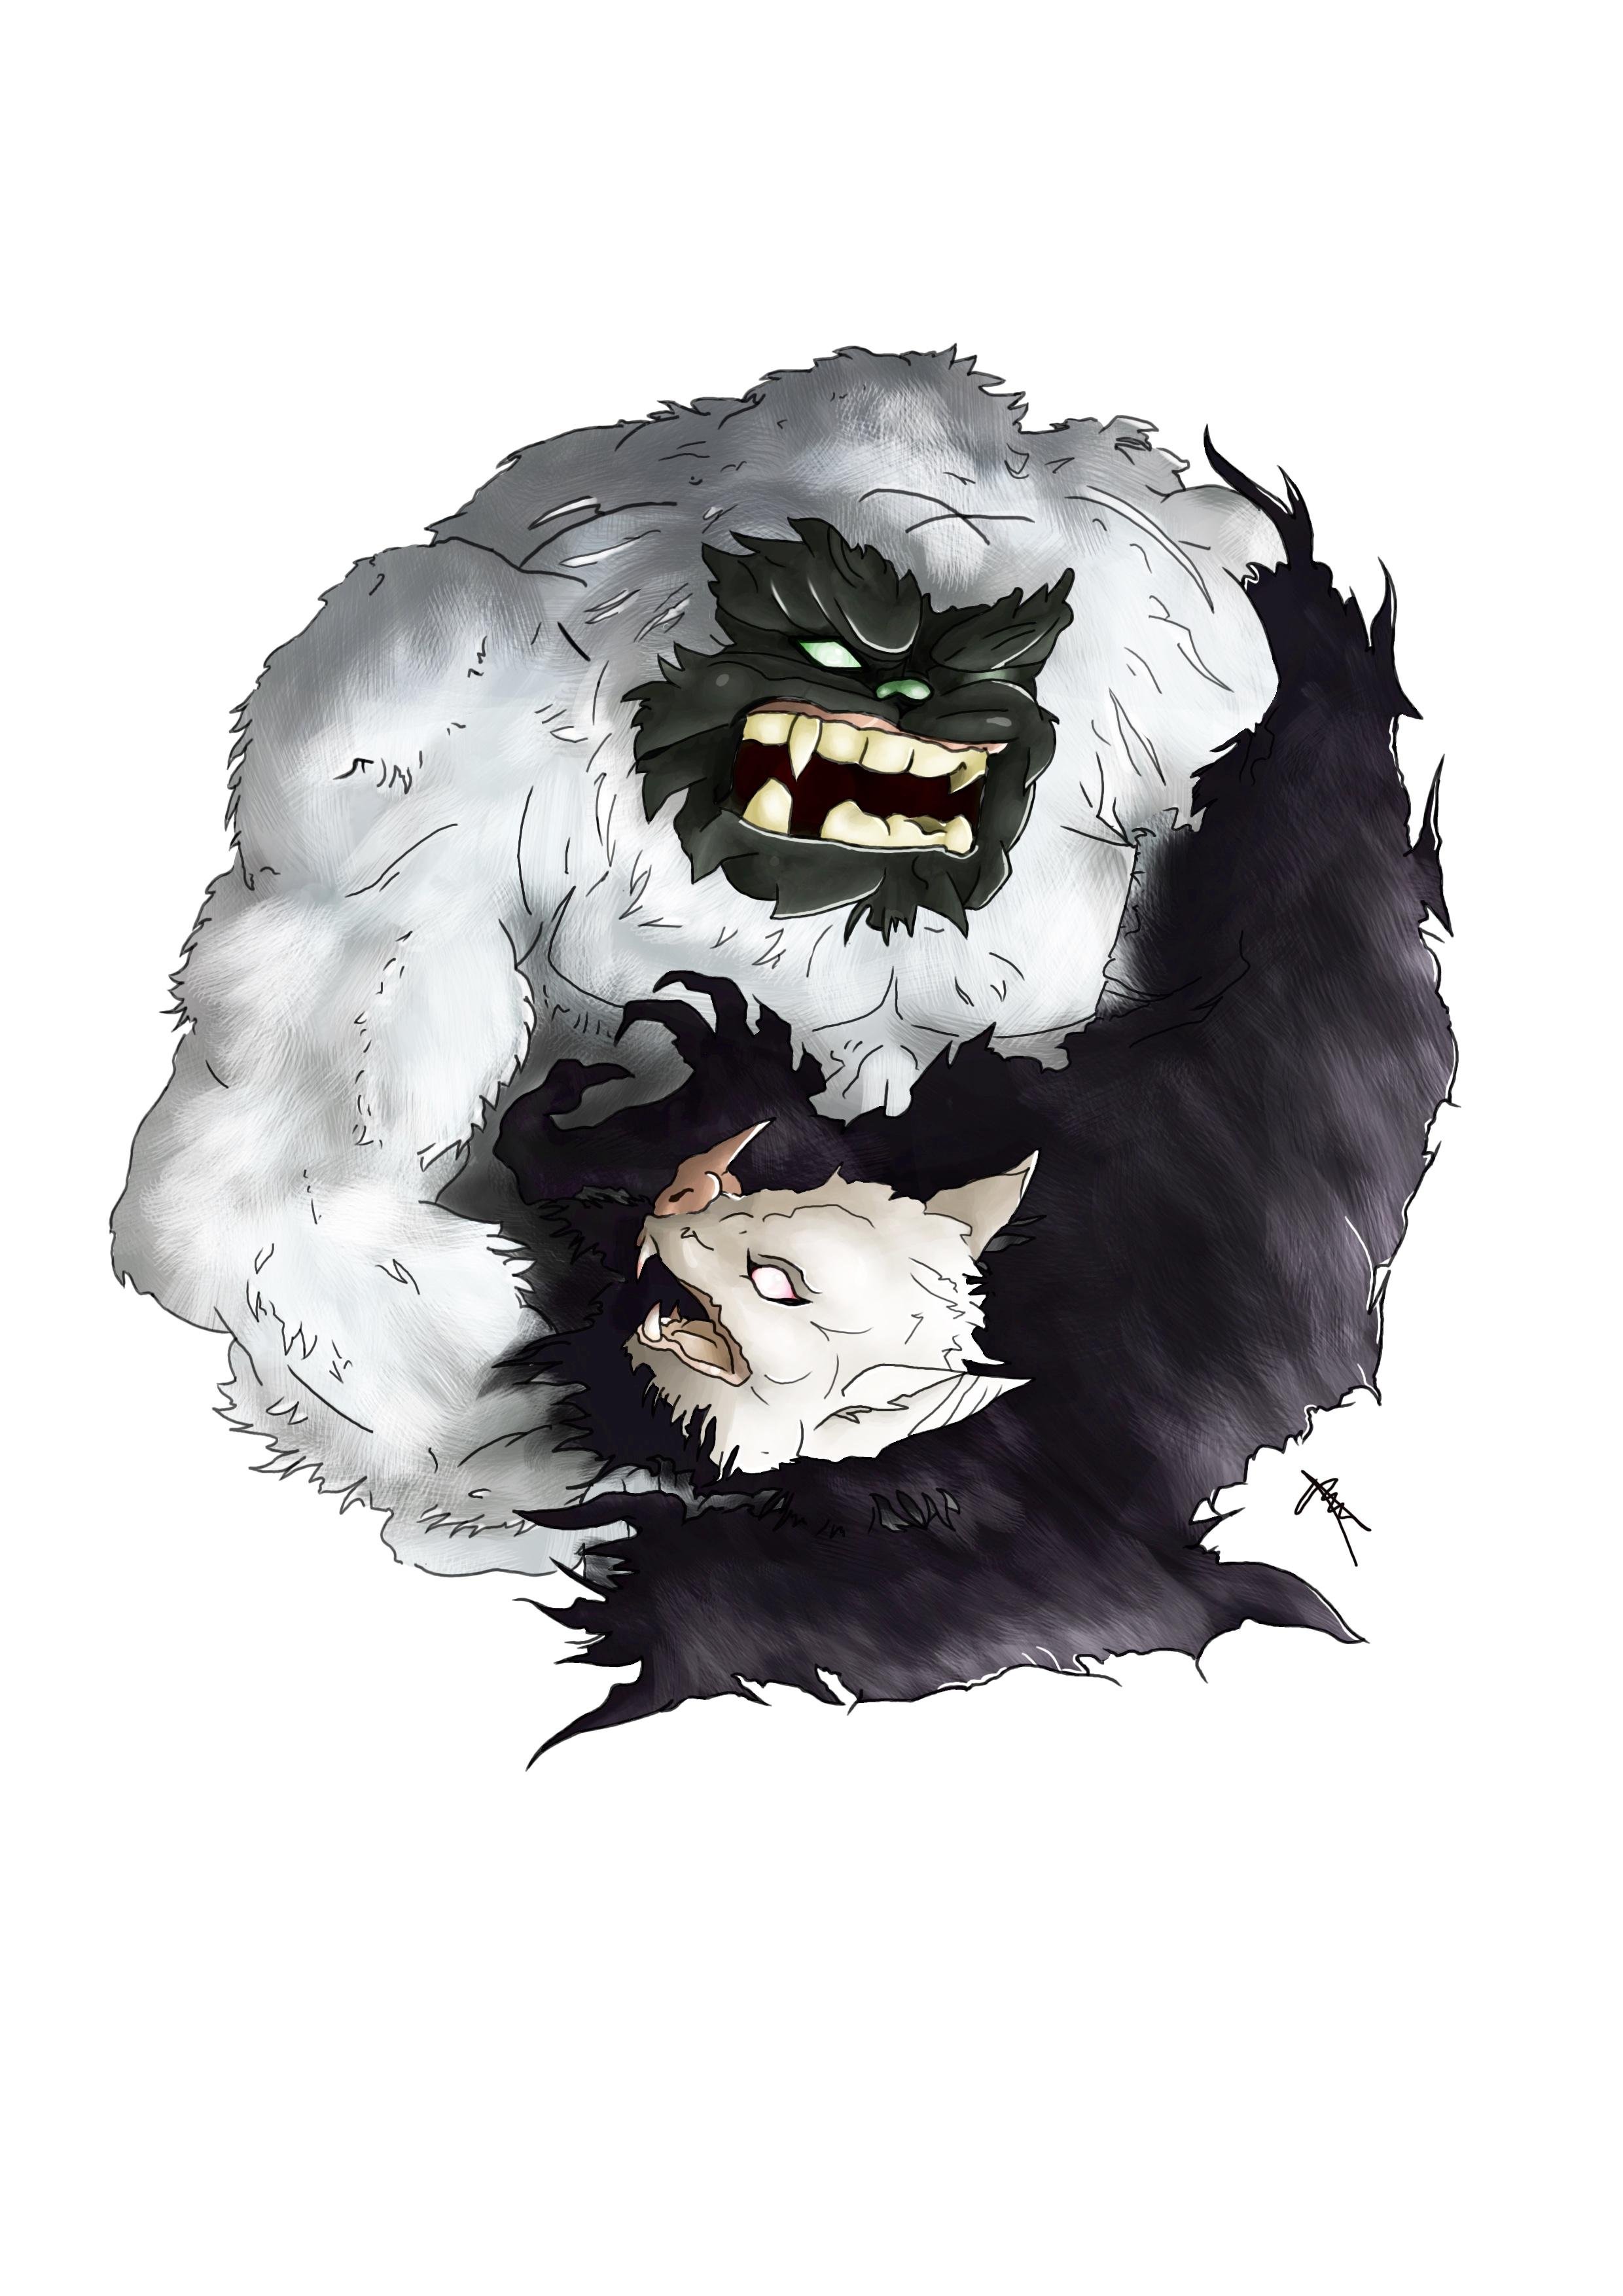 Yeti Yin VS Batty Yang